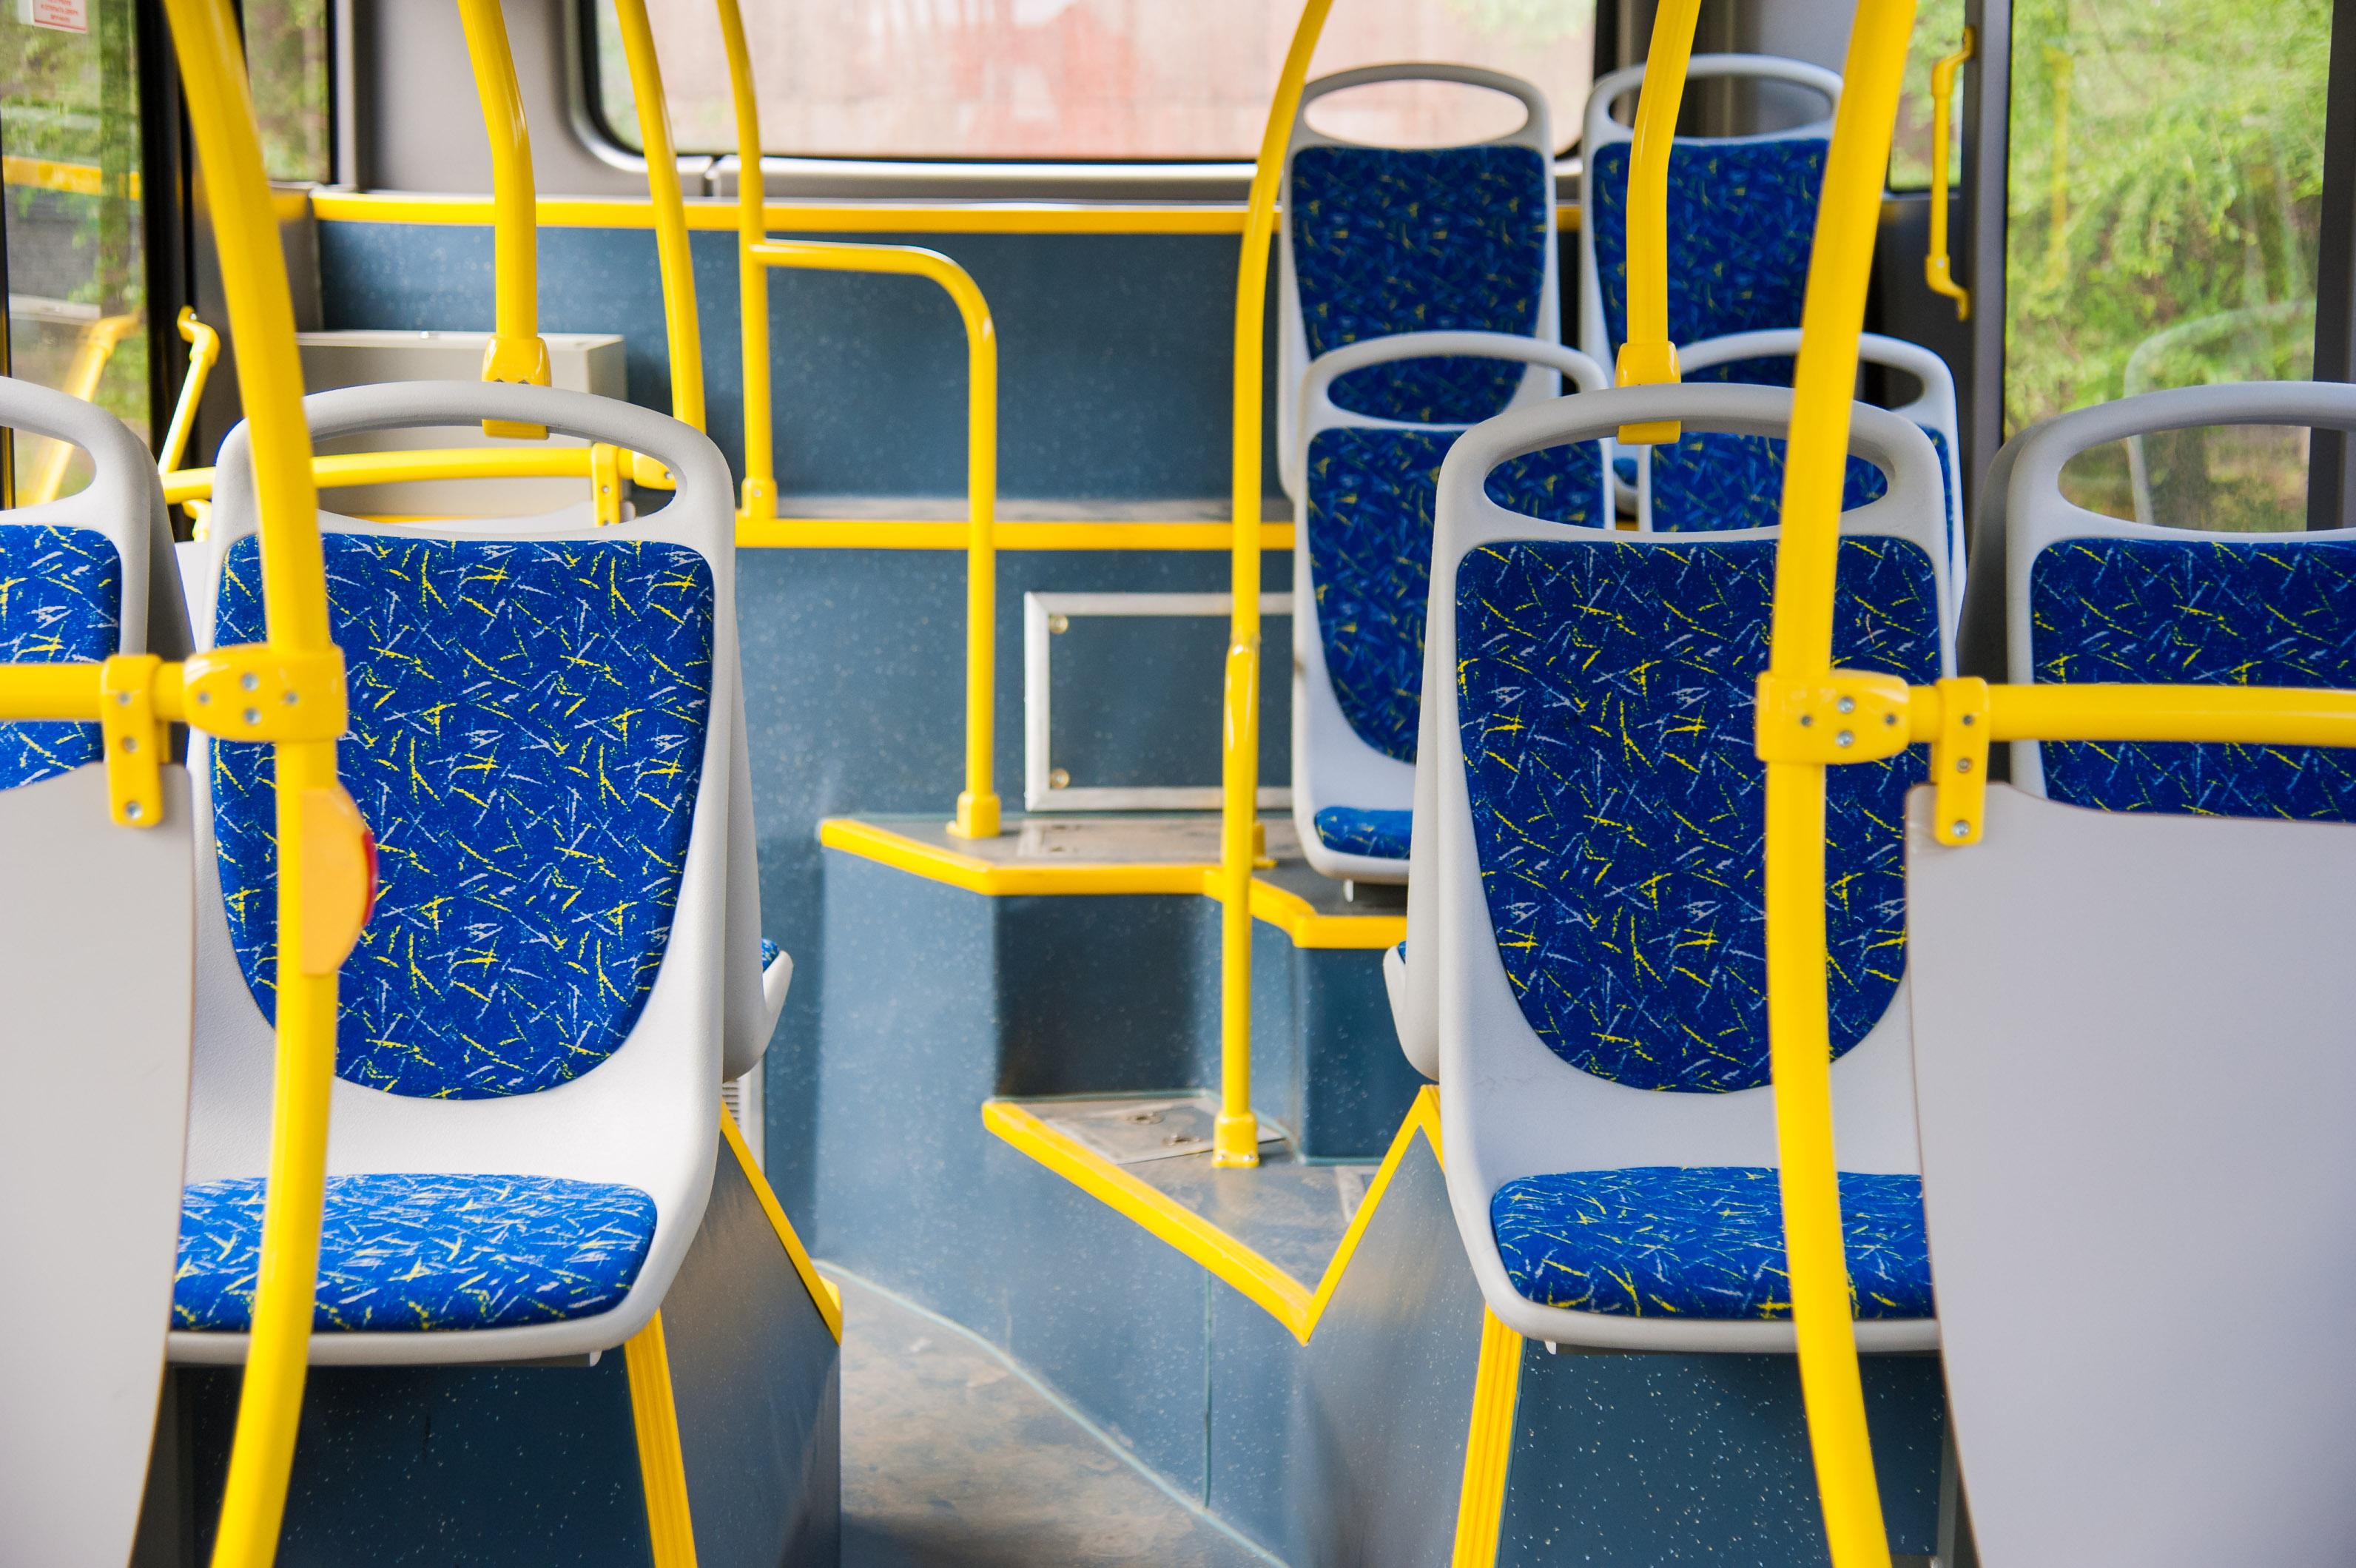 ВКраснооктябрьском районе Волгограда расстреляли пассажирский автобус